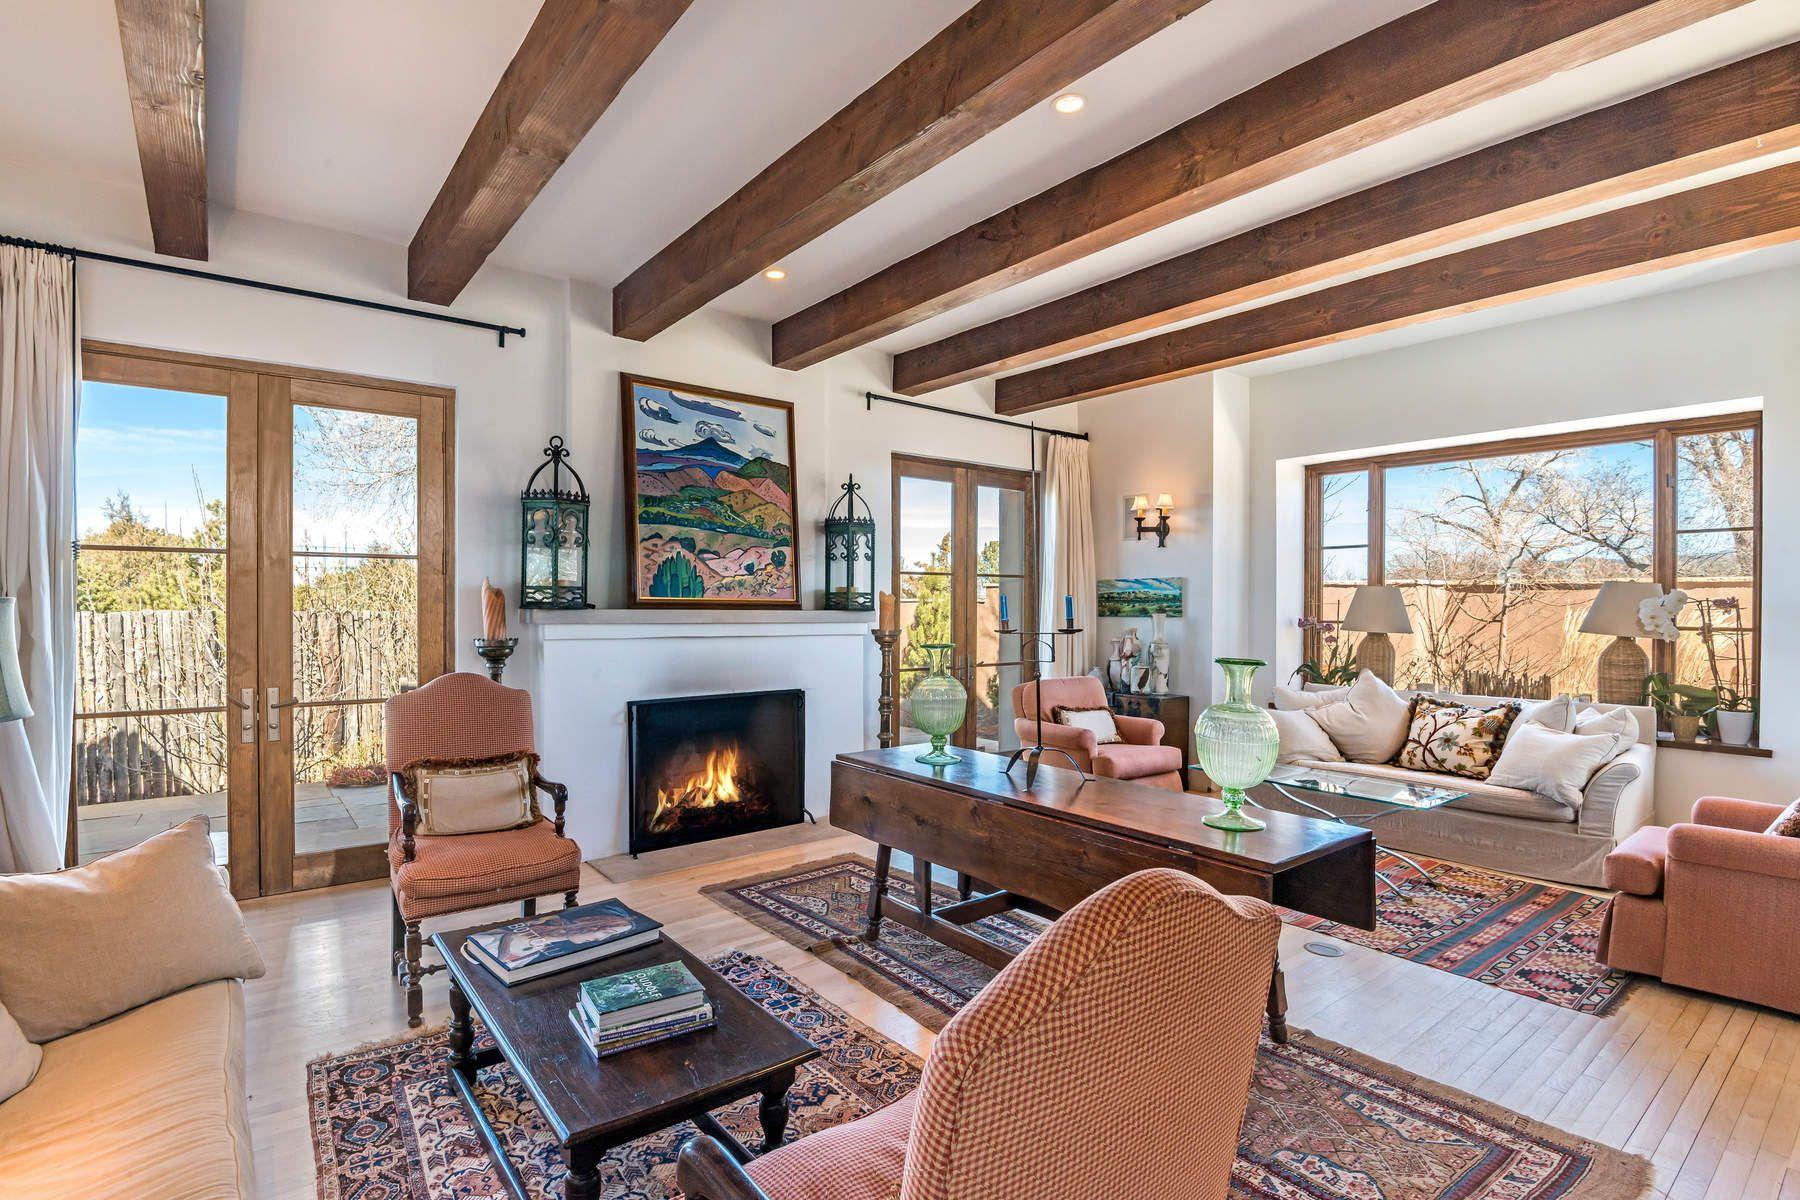 Частный односемейный дом для того Продажа на 828 Camino Ranchitos Santa Fe, Нью-Йорк, 87505 Соединенные Штаты